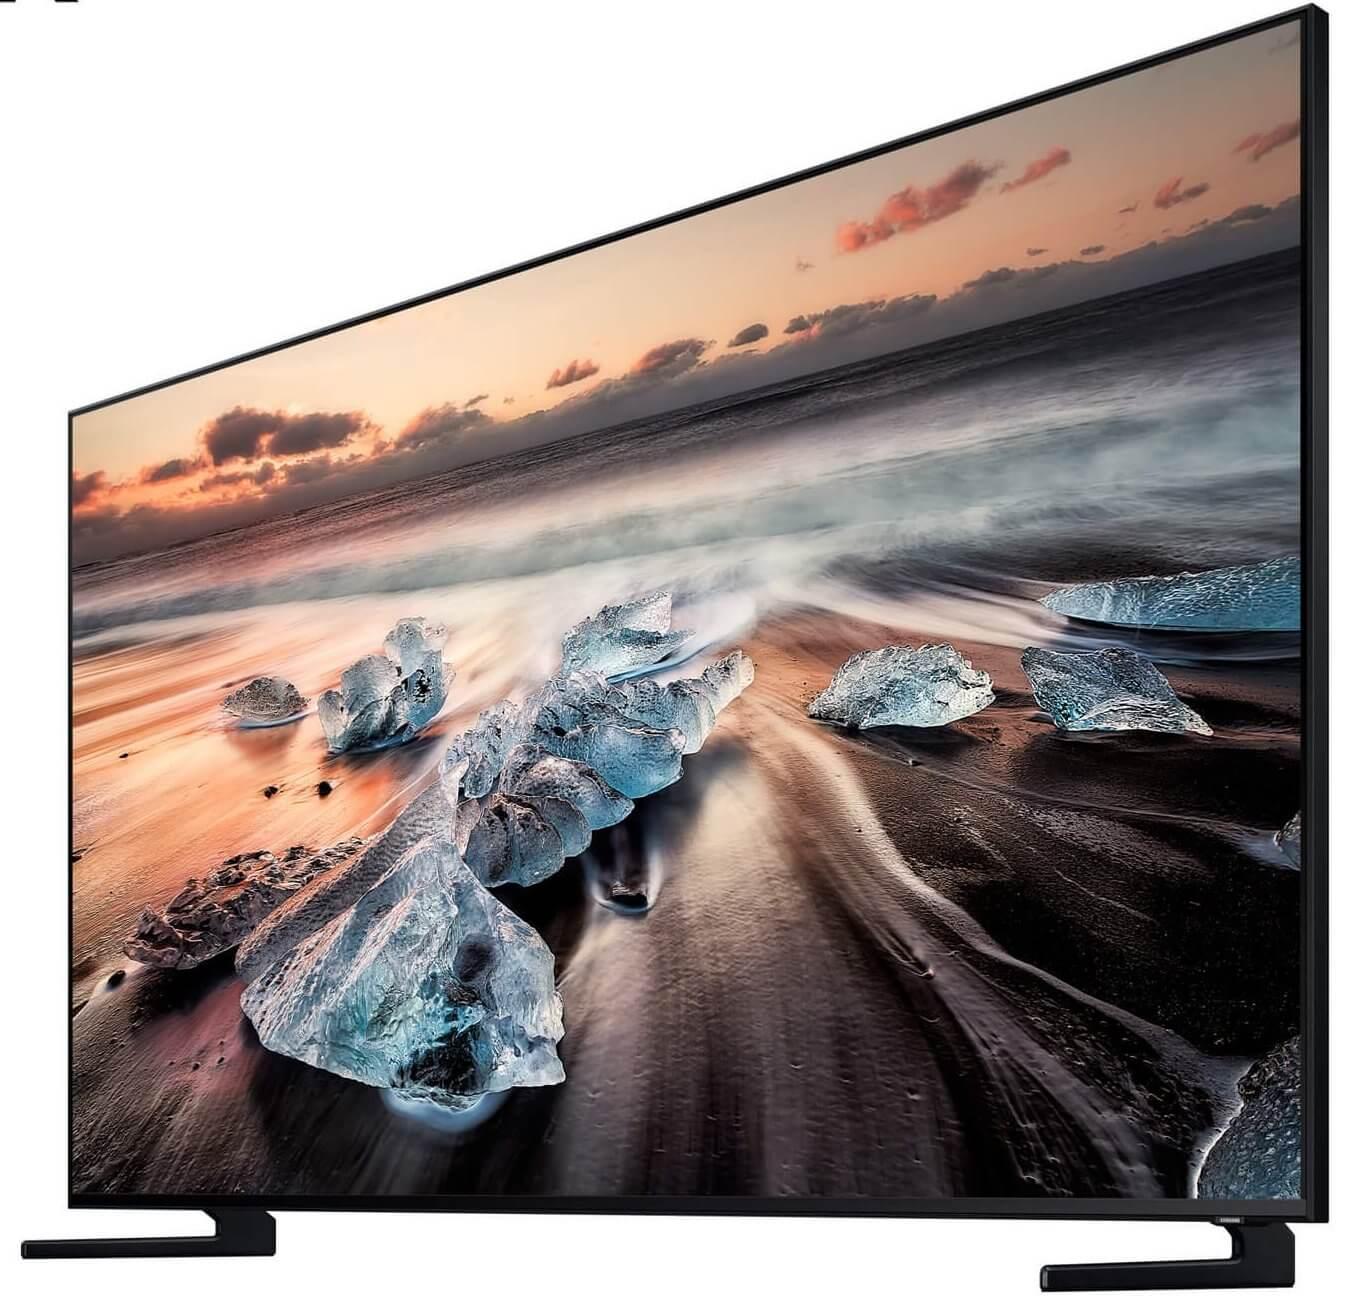 Imagem de divulgação da Q900N, nova televisão da Samsung lançado durante a IFA 2018